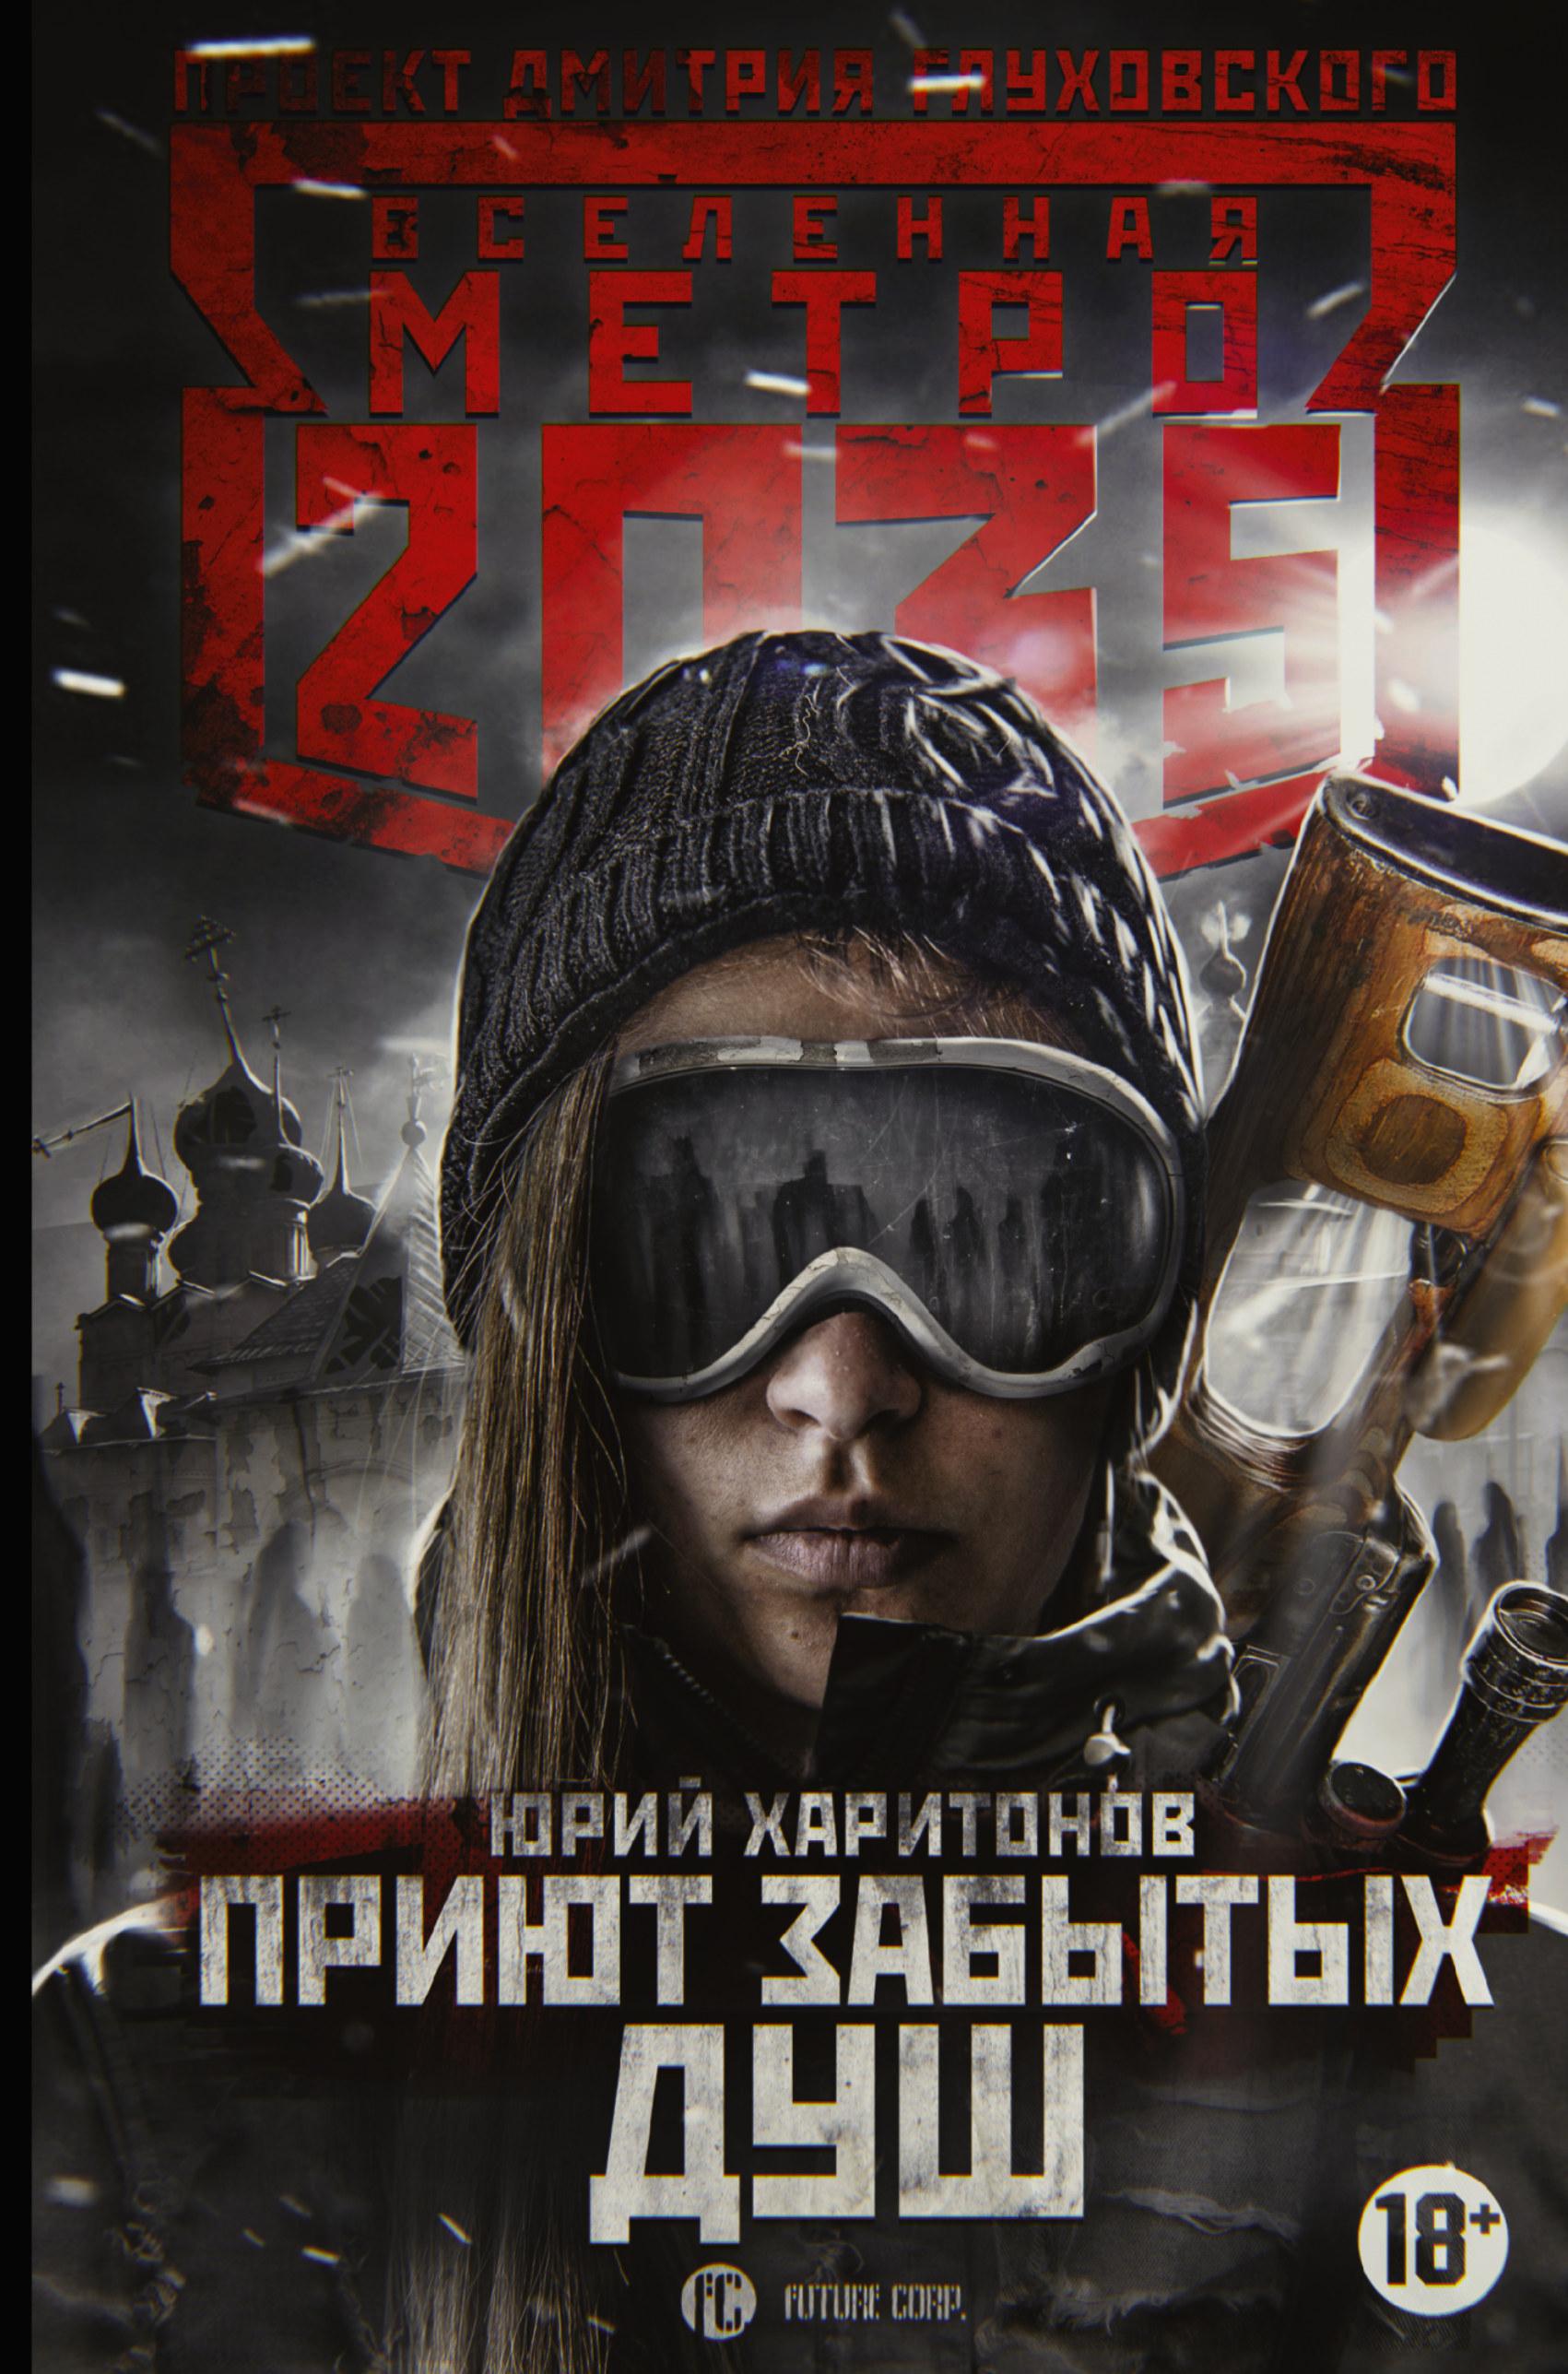 Метро 2035: Приют забытых душ ( Харитонов Юрий Владимирович  )